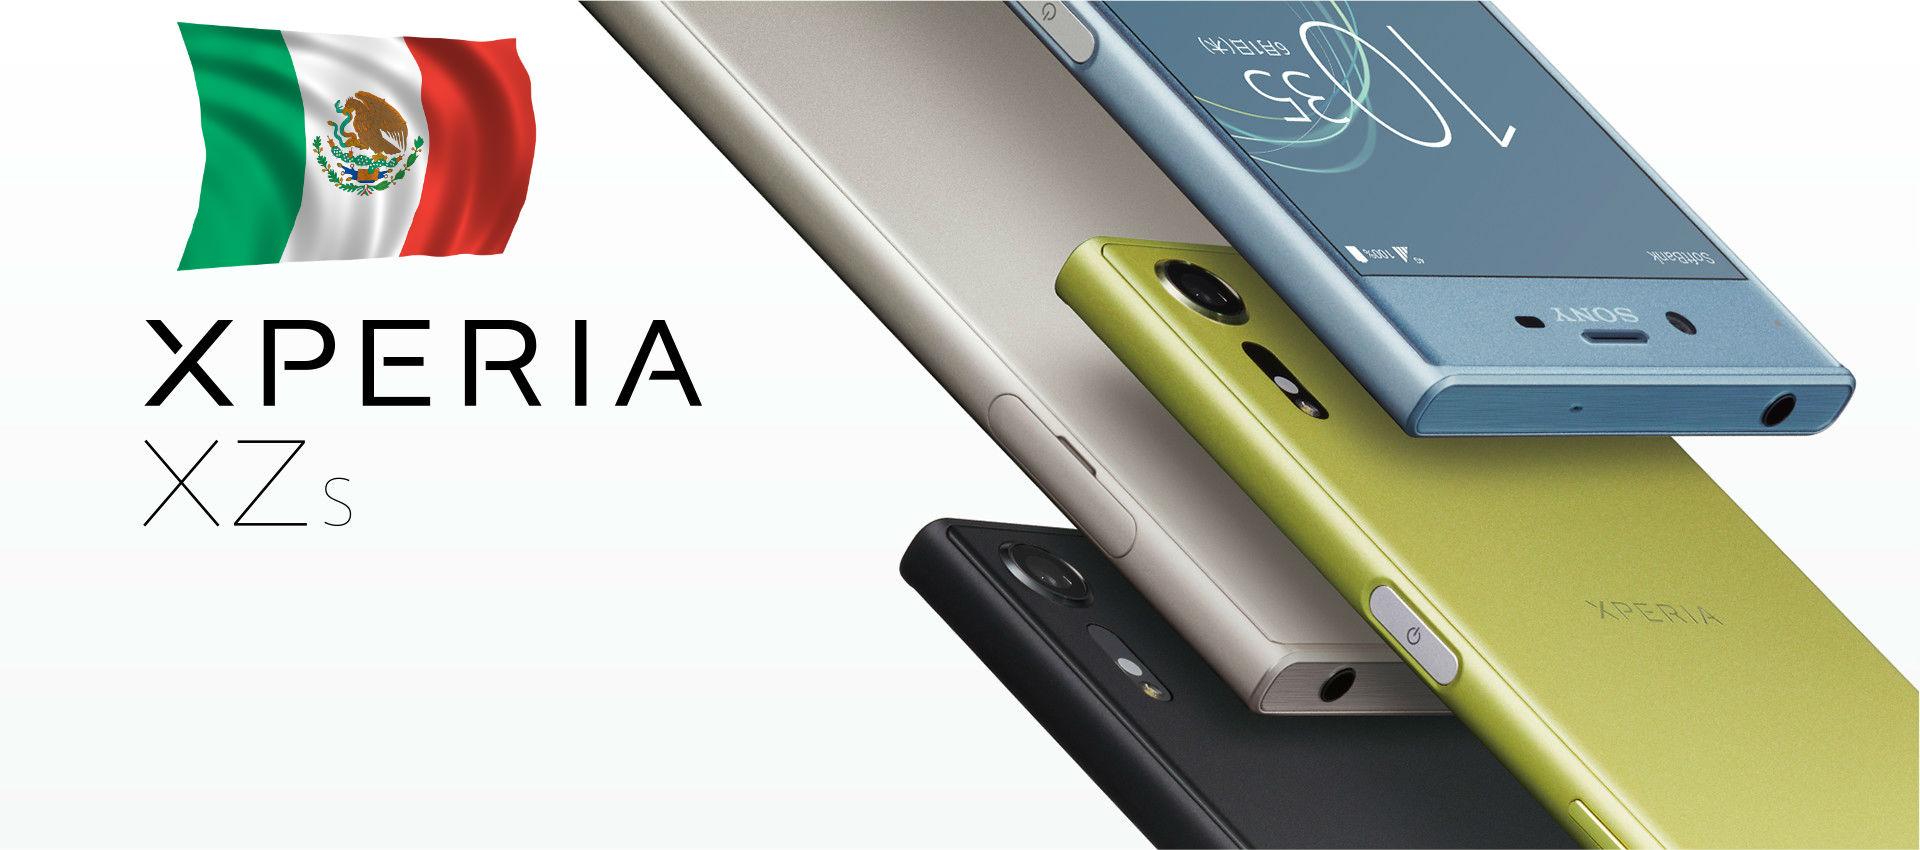 Te presentamos el Sony Xperia XZs que llegará a México